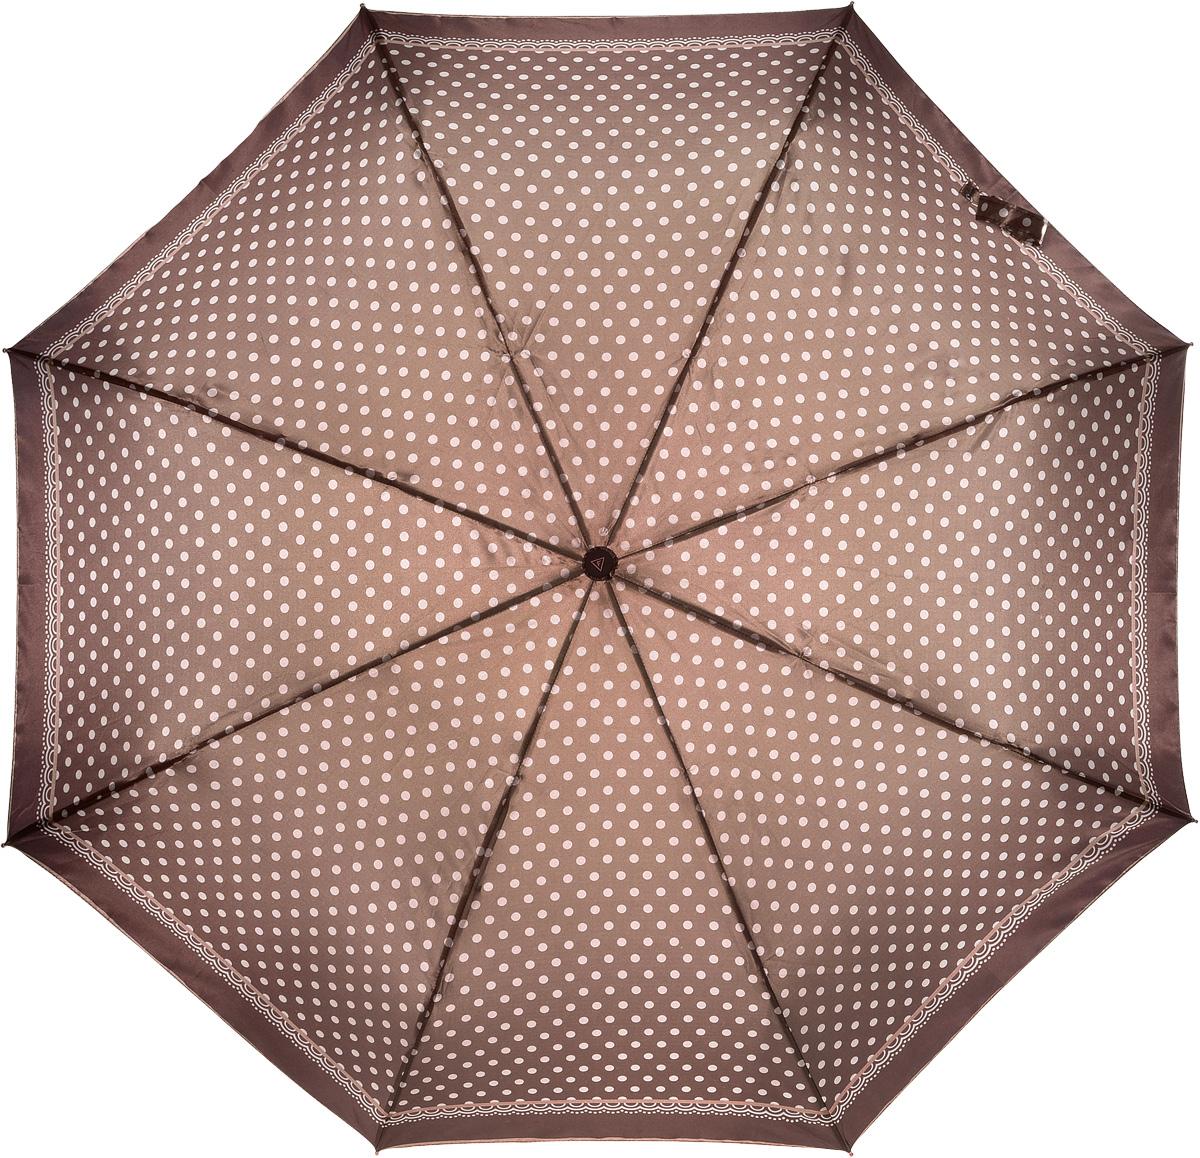 купить Зонт женский Fabretti, автомат, 3 сложения, цвет: коричневый. L-16107-19 по цене 1089 рублей